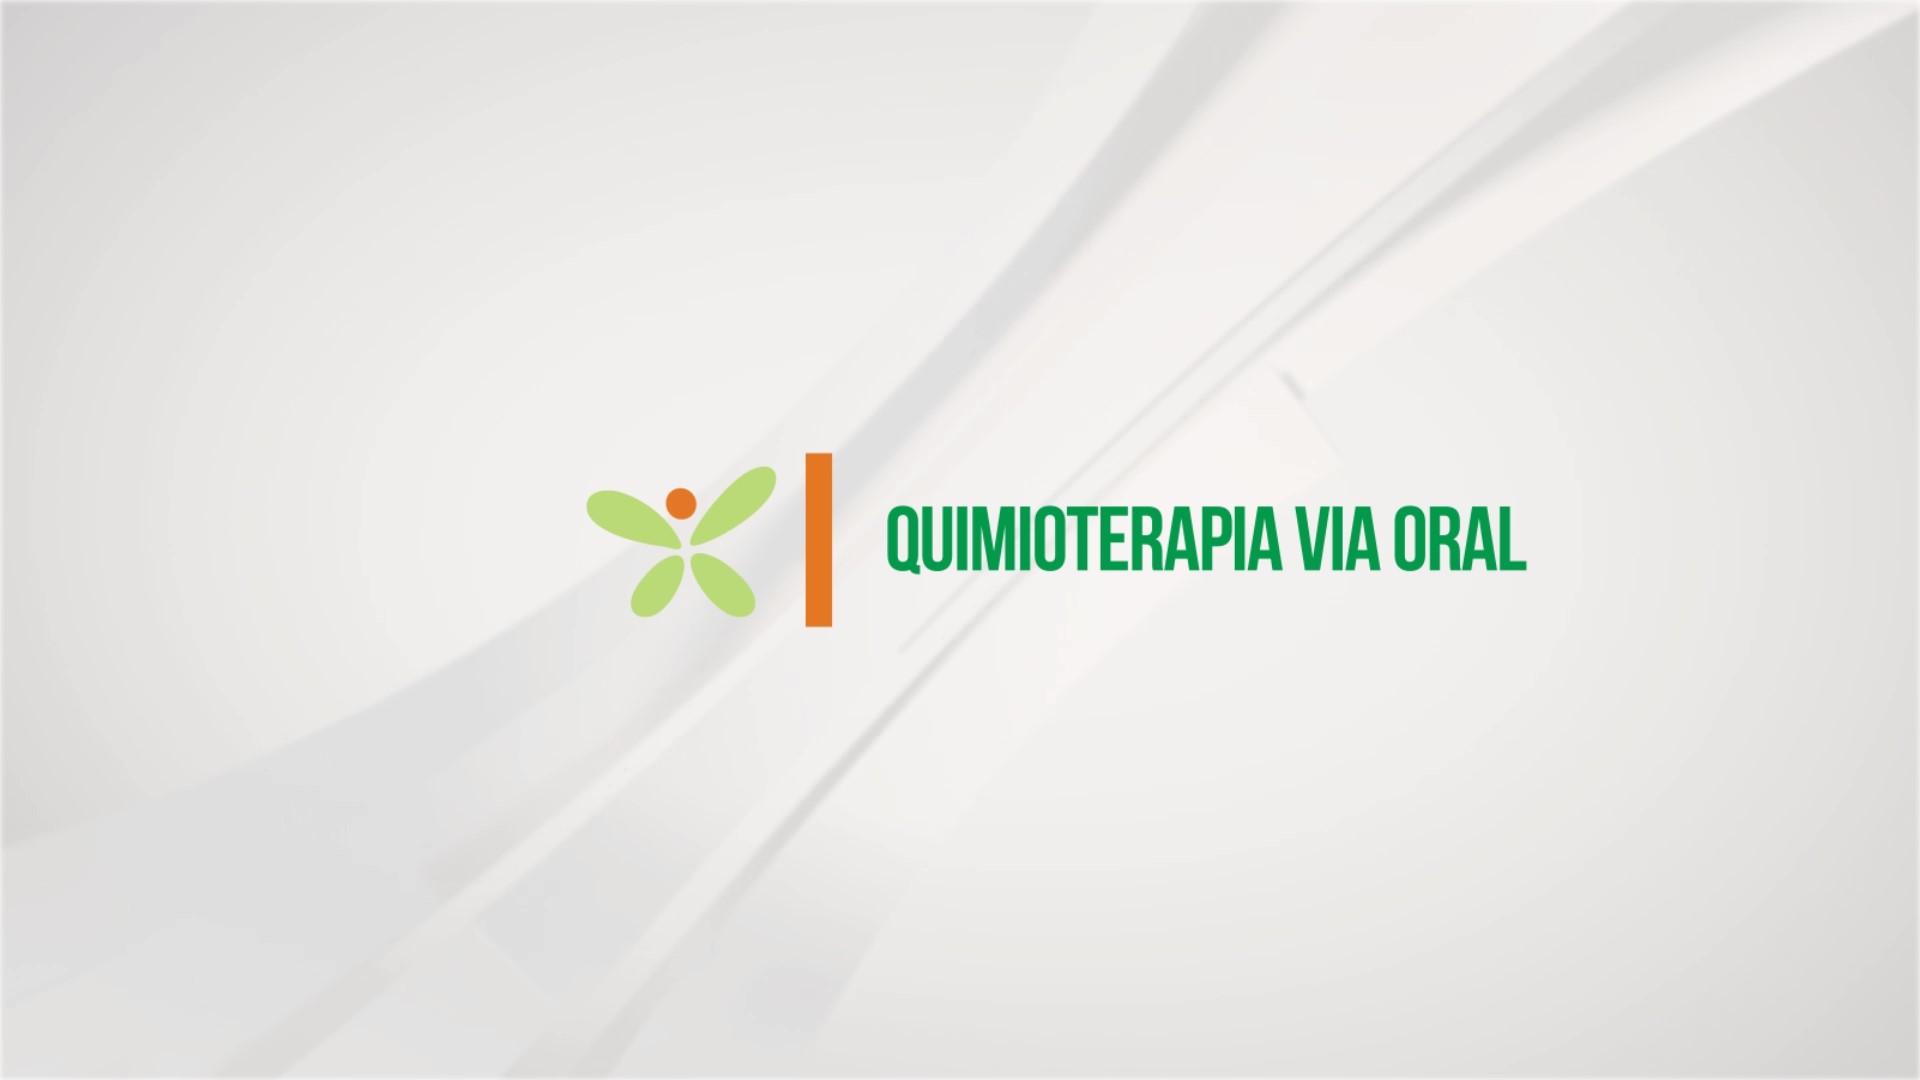 Quimioterapia via oral – Jéssica Krüger